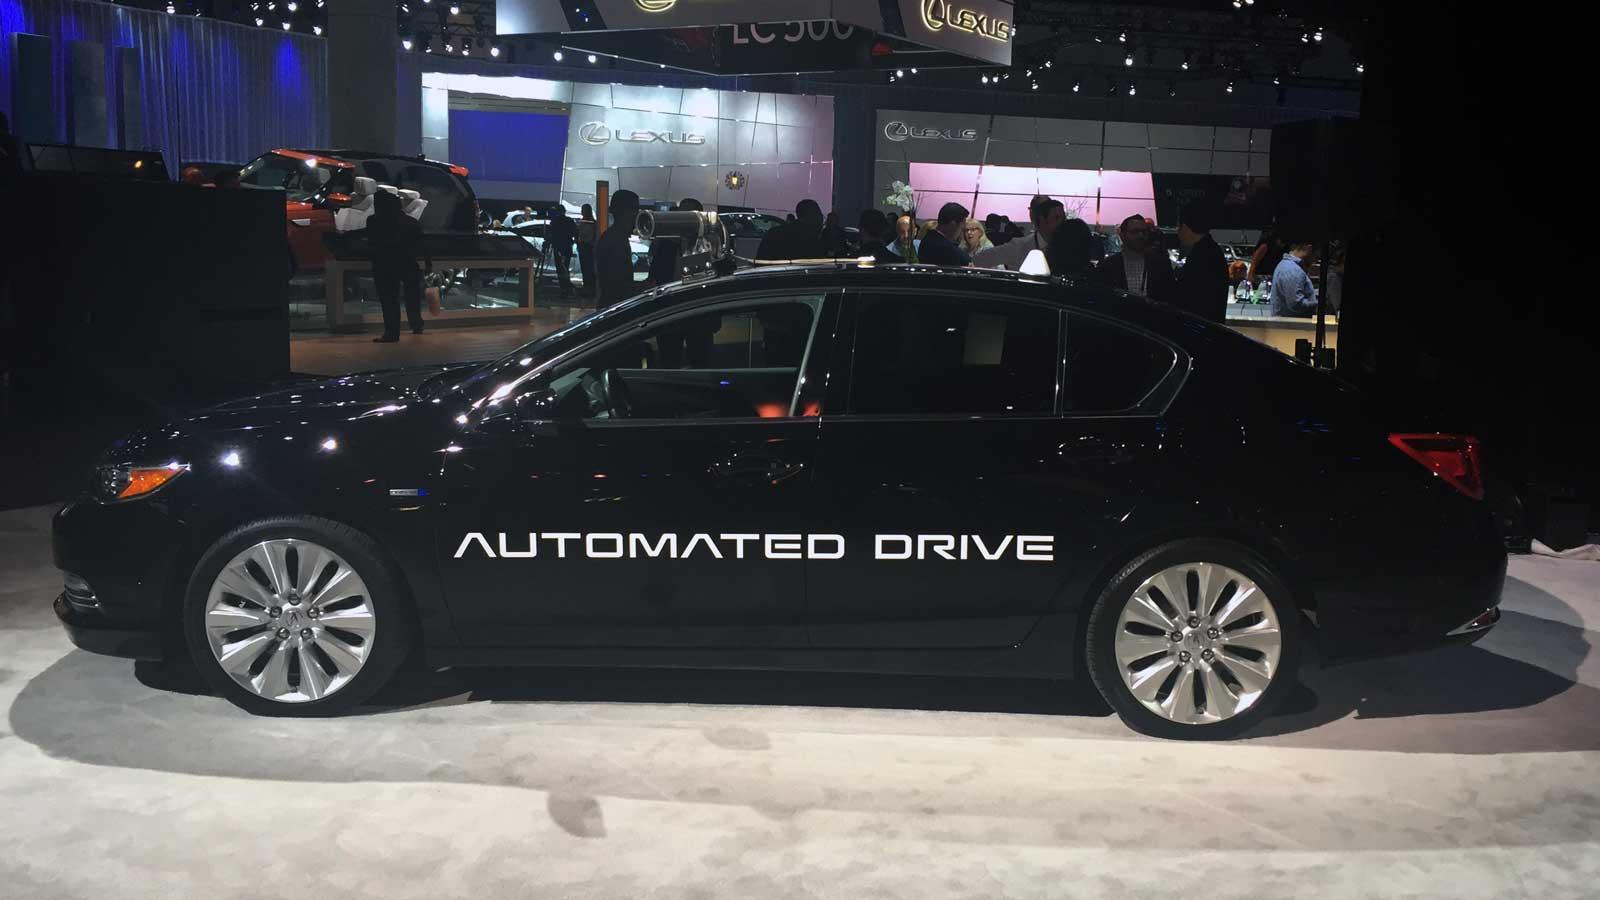 Acura, filial de lujo para Japón y Norteamérica de Honda, ya trabaja en la conducción autónoma